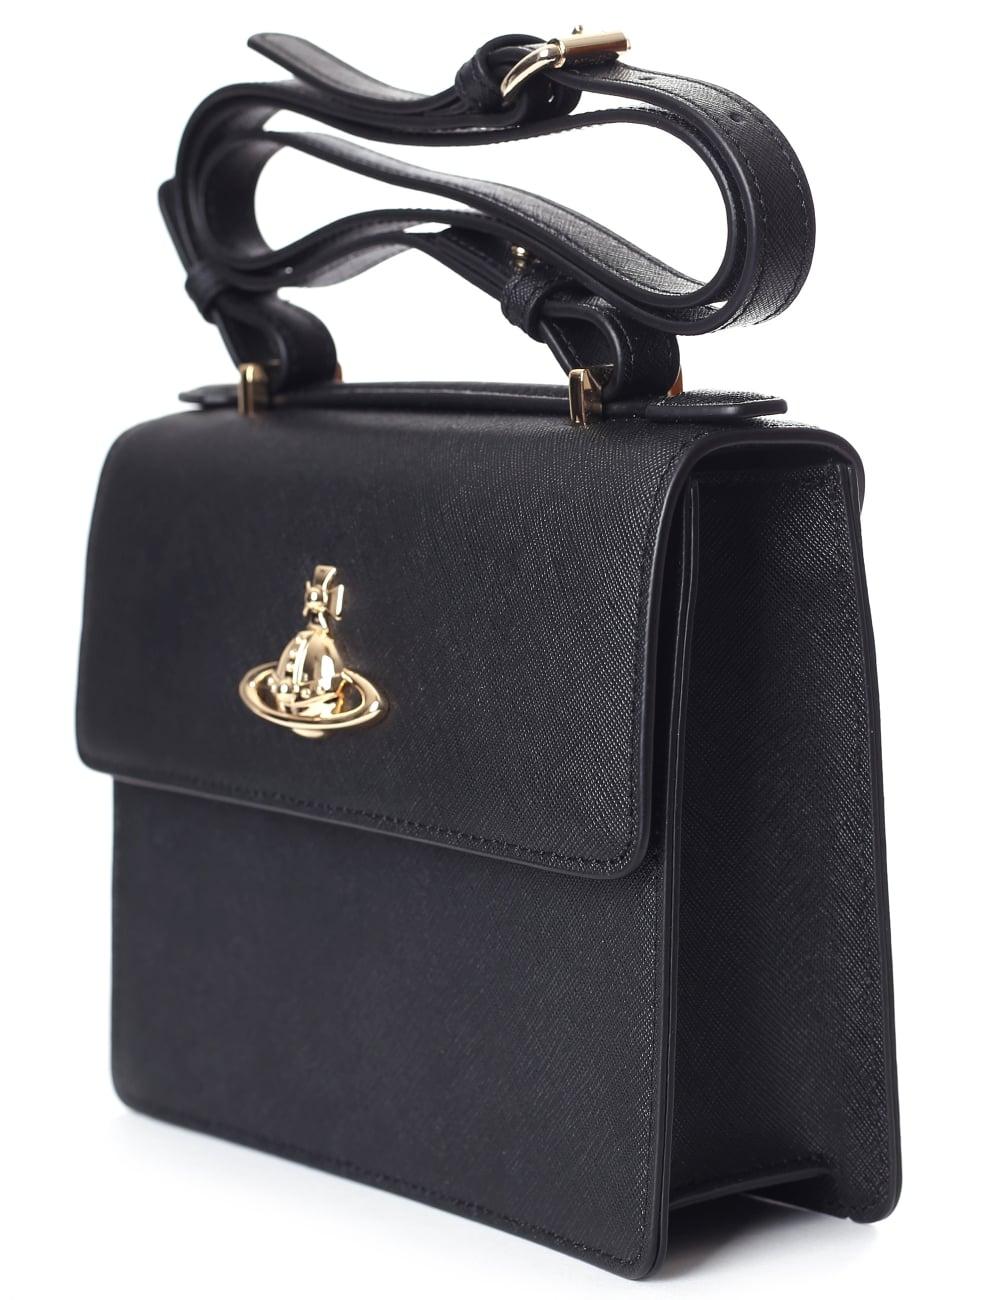 bd40aa2fcb49 Vivienne Westwood Women's Pimlico Shoulder Bag